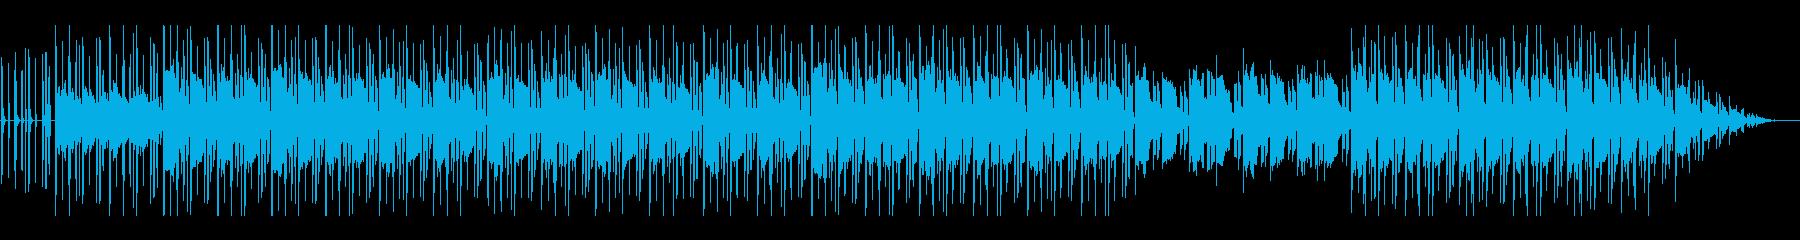 ほのぼのしたローファイ・チル・ビートの再生済みの波形